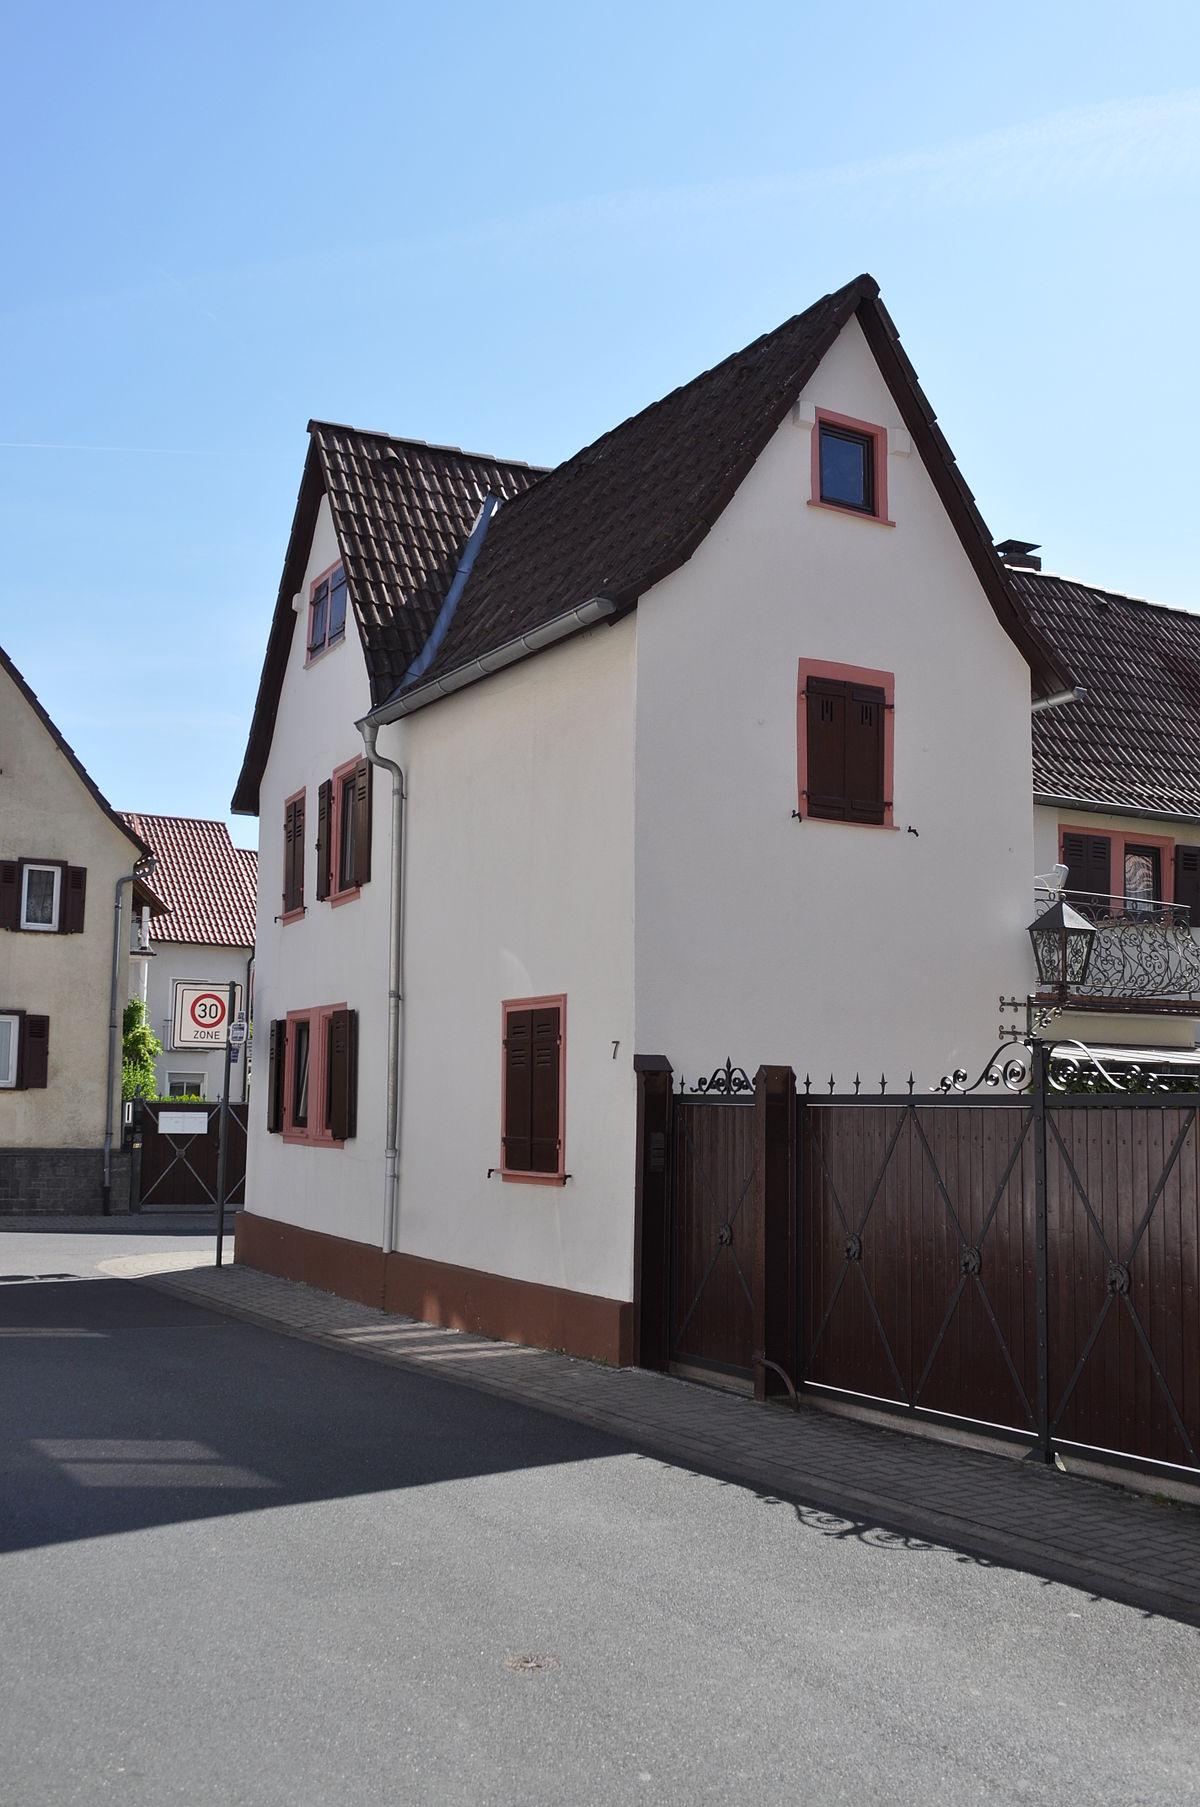 Ober Eschbach